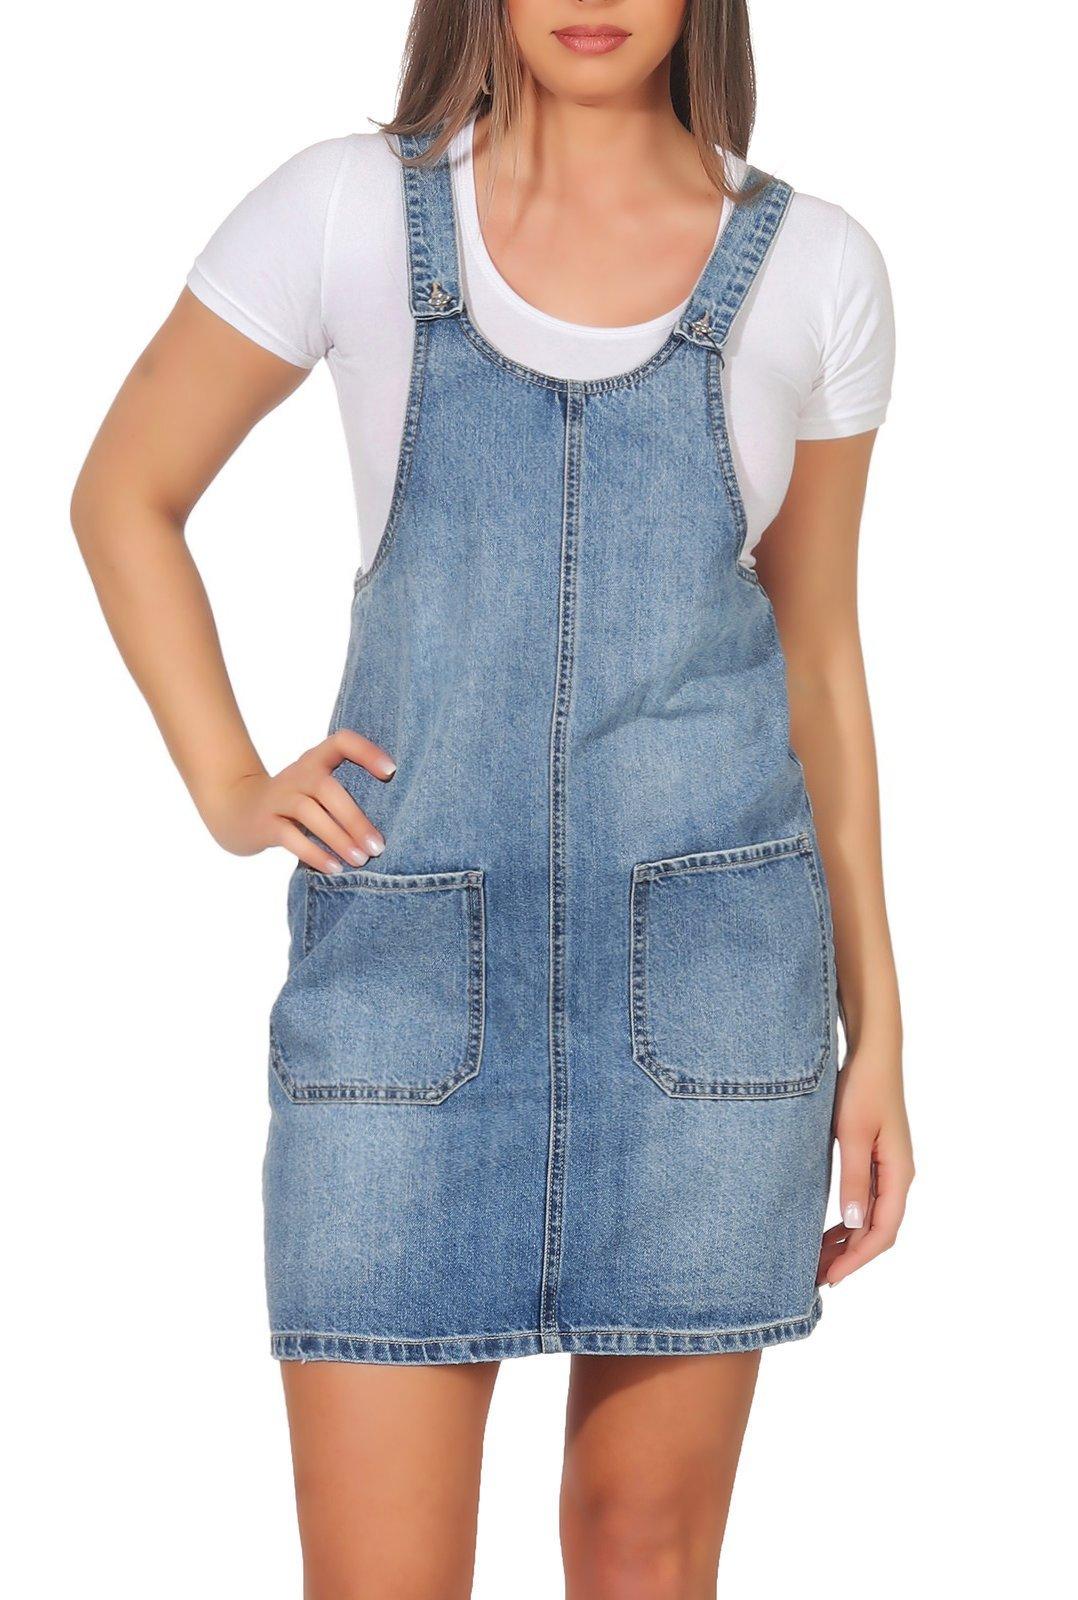 Vero Moda Damen Jeans Kleid Kali Pinafort   Röcke/ Kleider ...